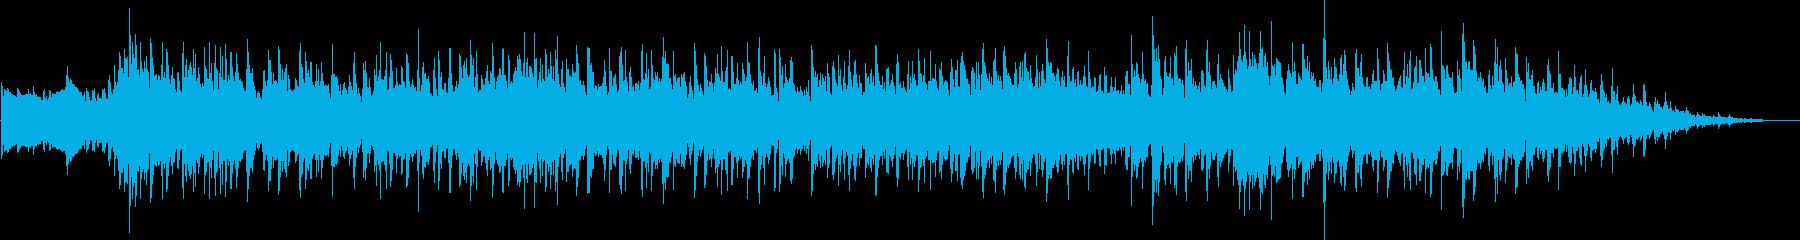 エイリアンのダンシングミュージックの再生済みの波形